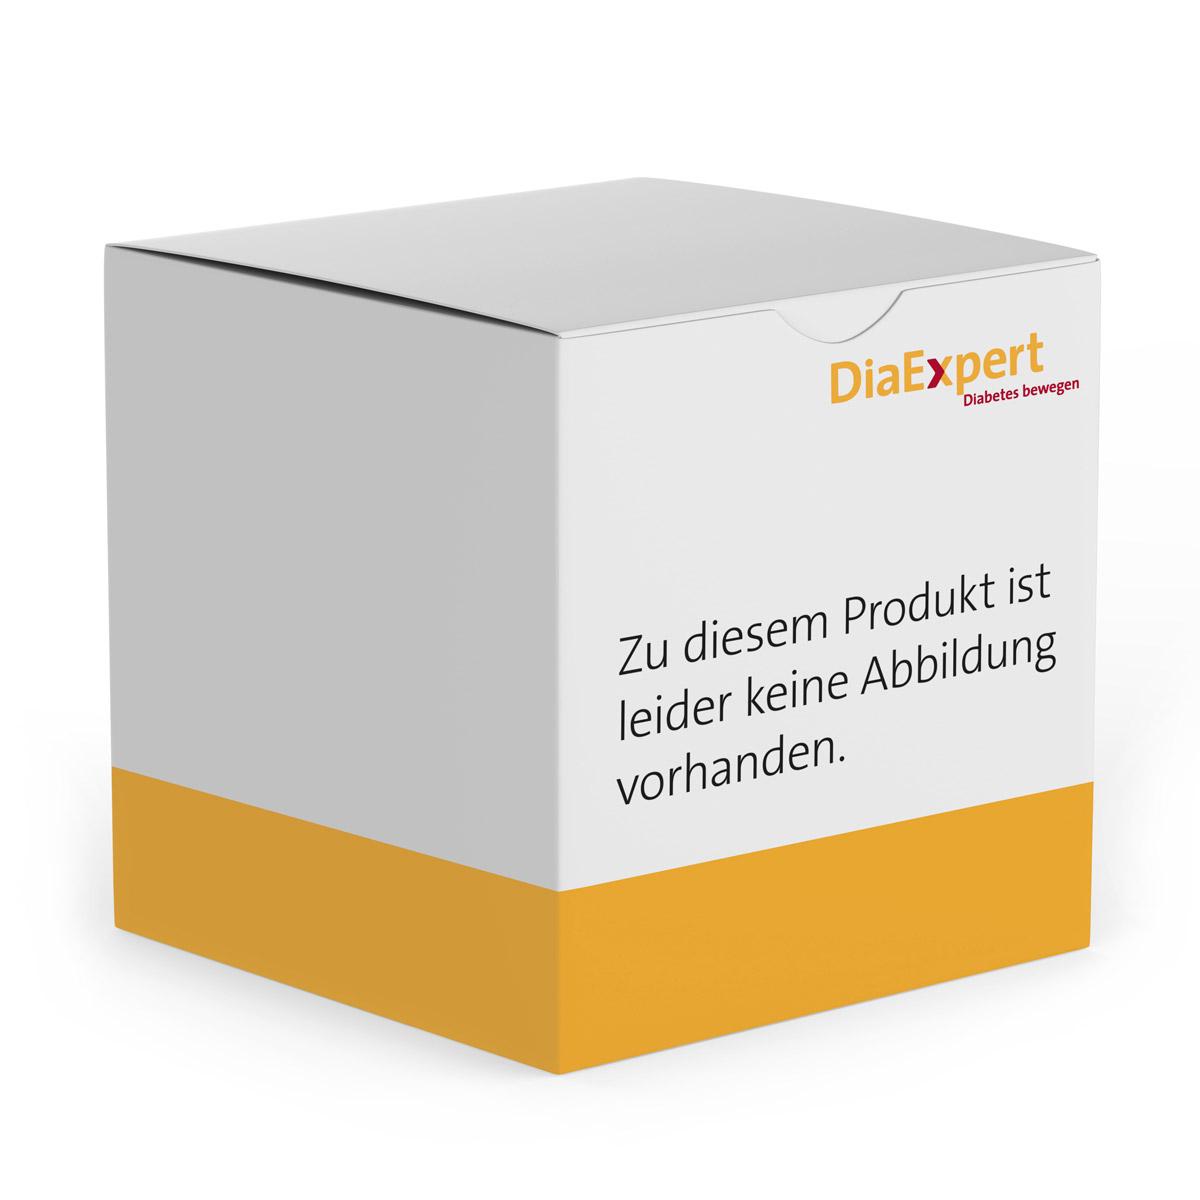 Diaexpert motiv klebefolie lila minimed 640g for Klebefolie lila